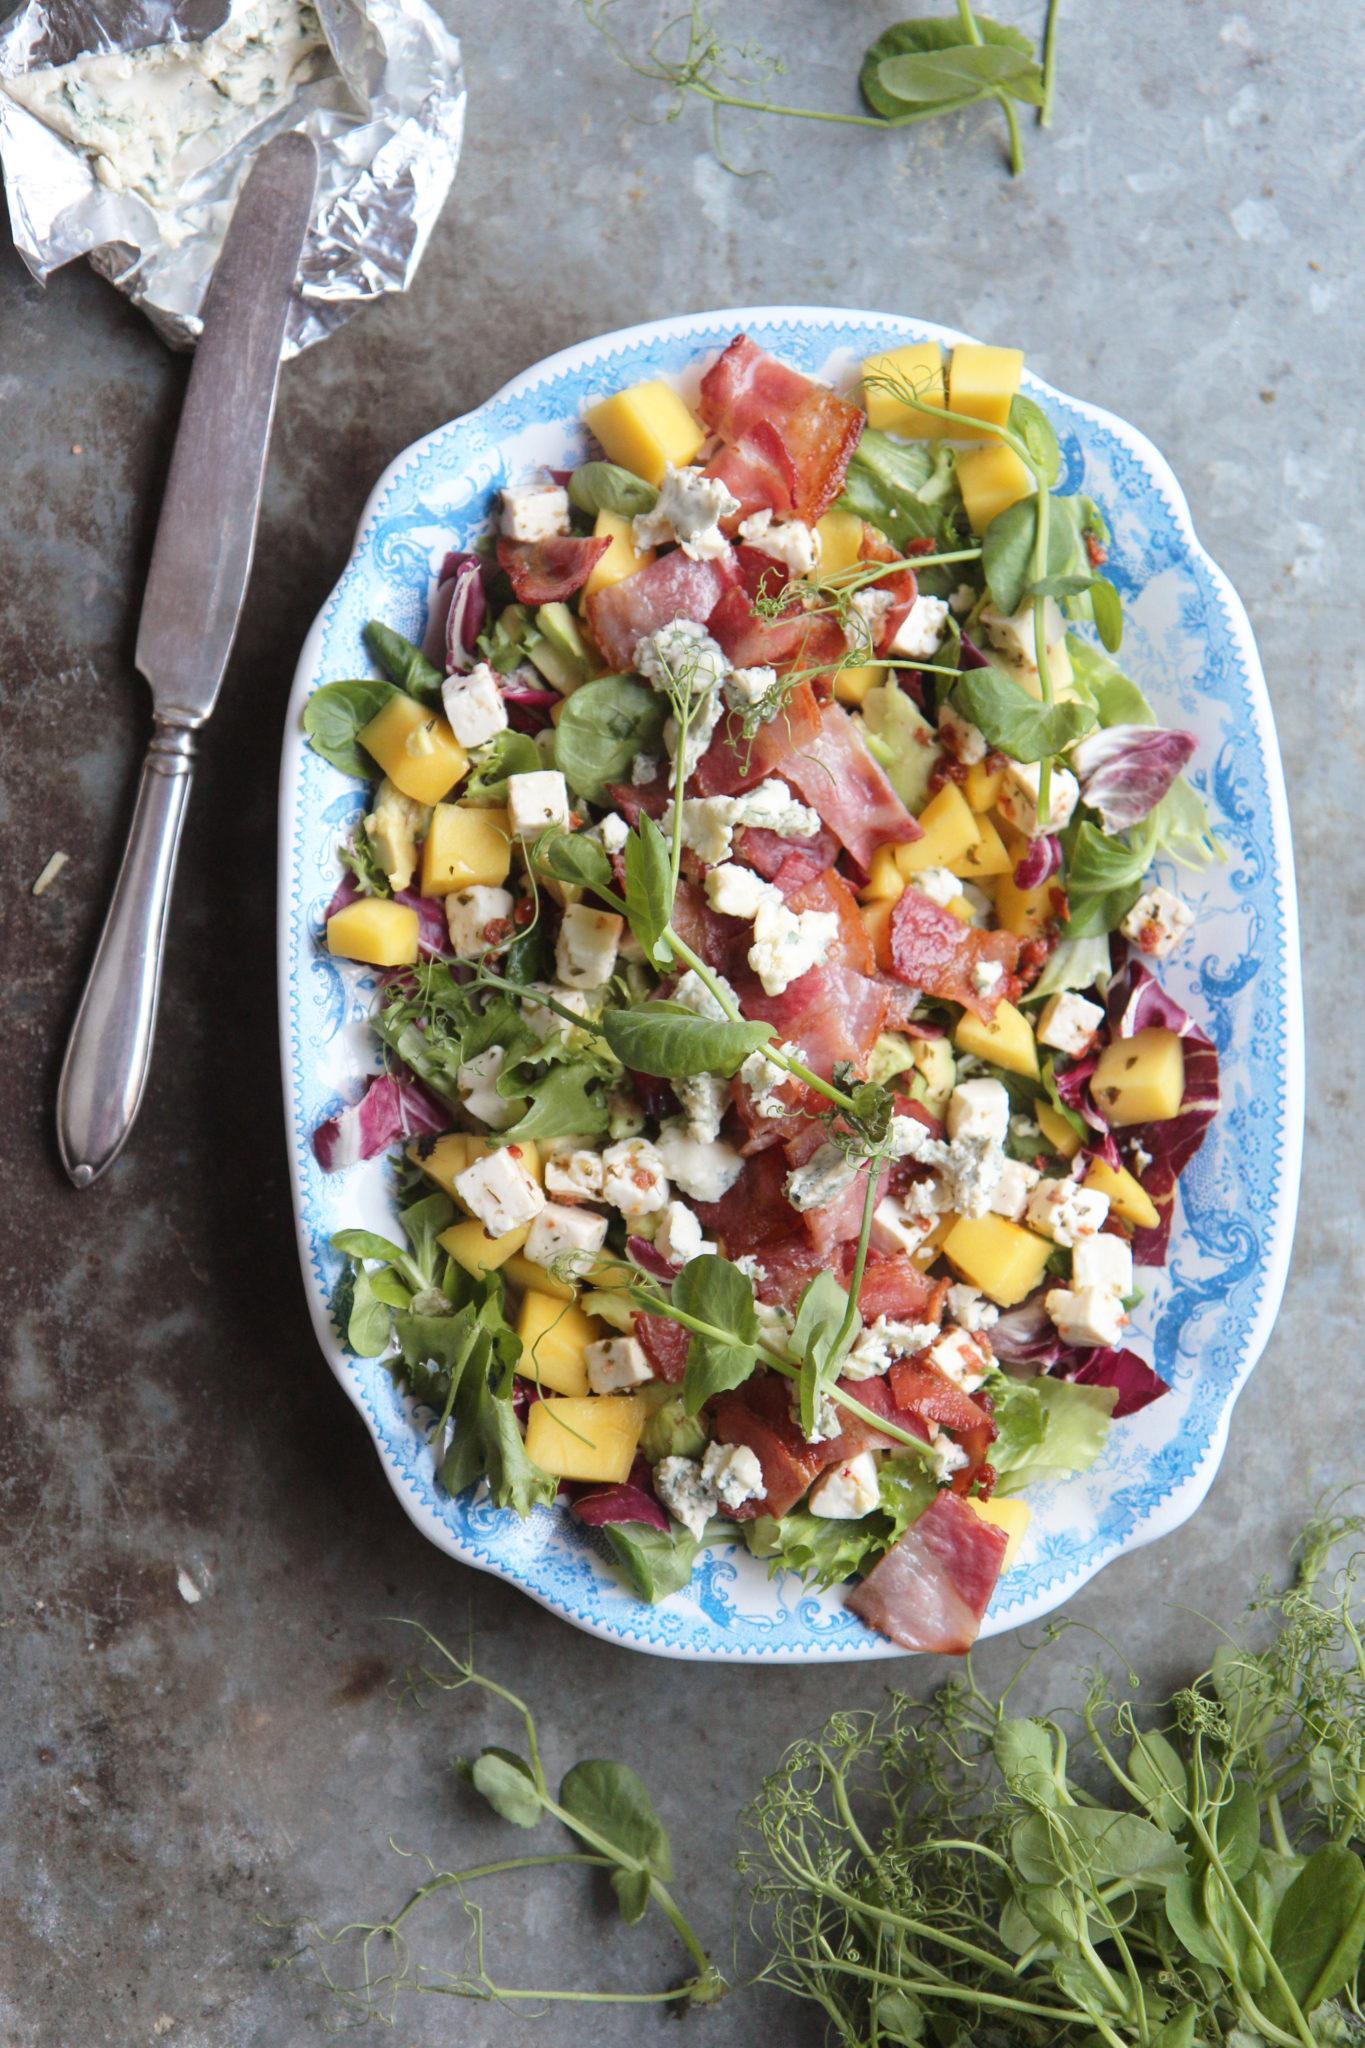 Aurinkoinen salaatti mangolla, rapealla prosciutolla sekä homejuustolla